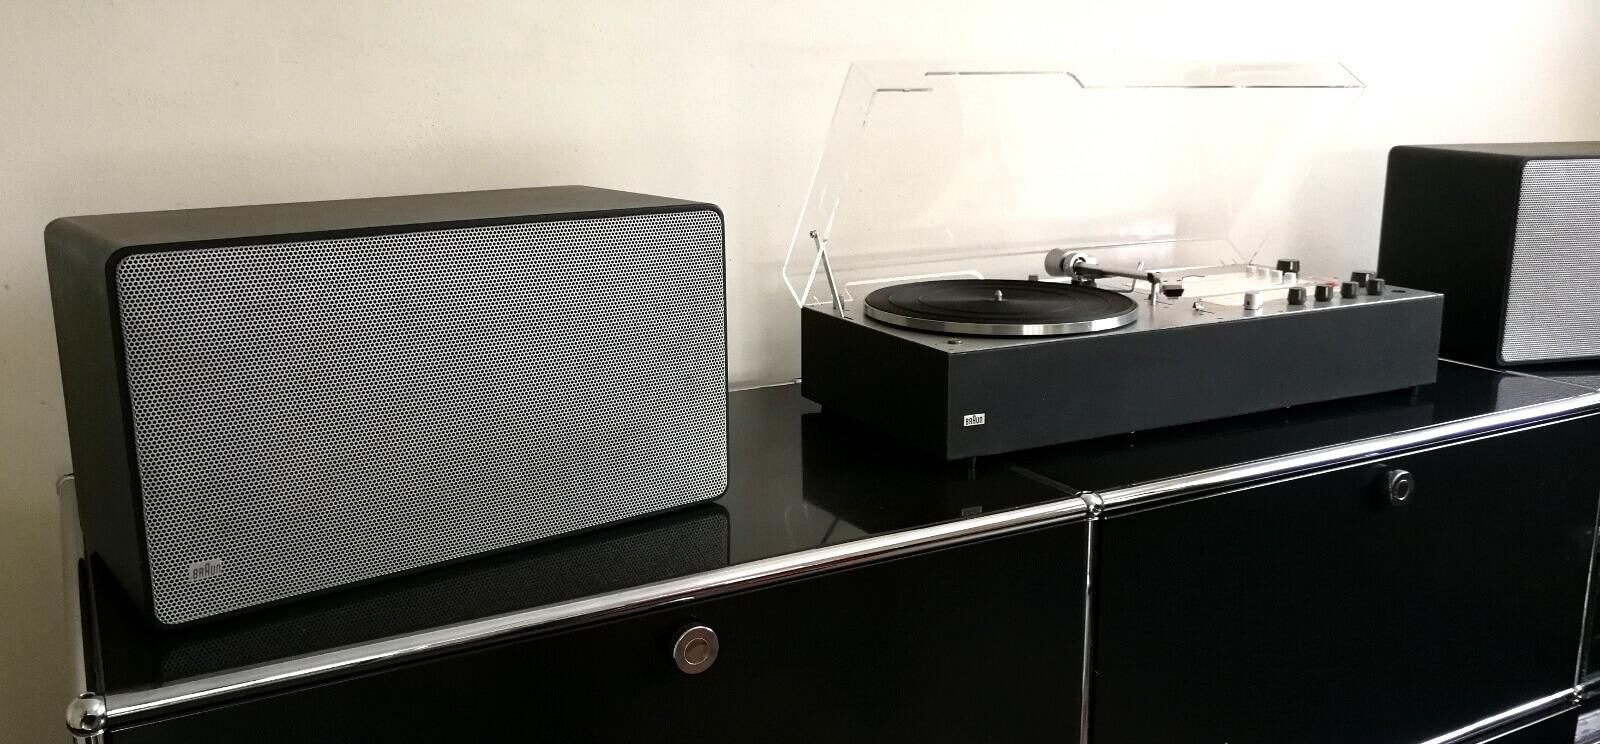 vintage braun audio 310 anthrazit mit L500 lautsprechern schwarz